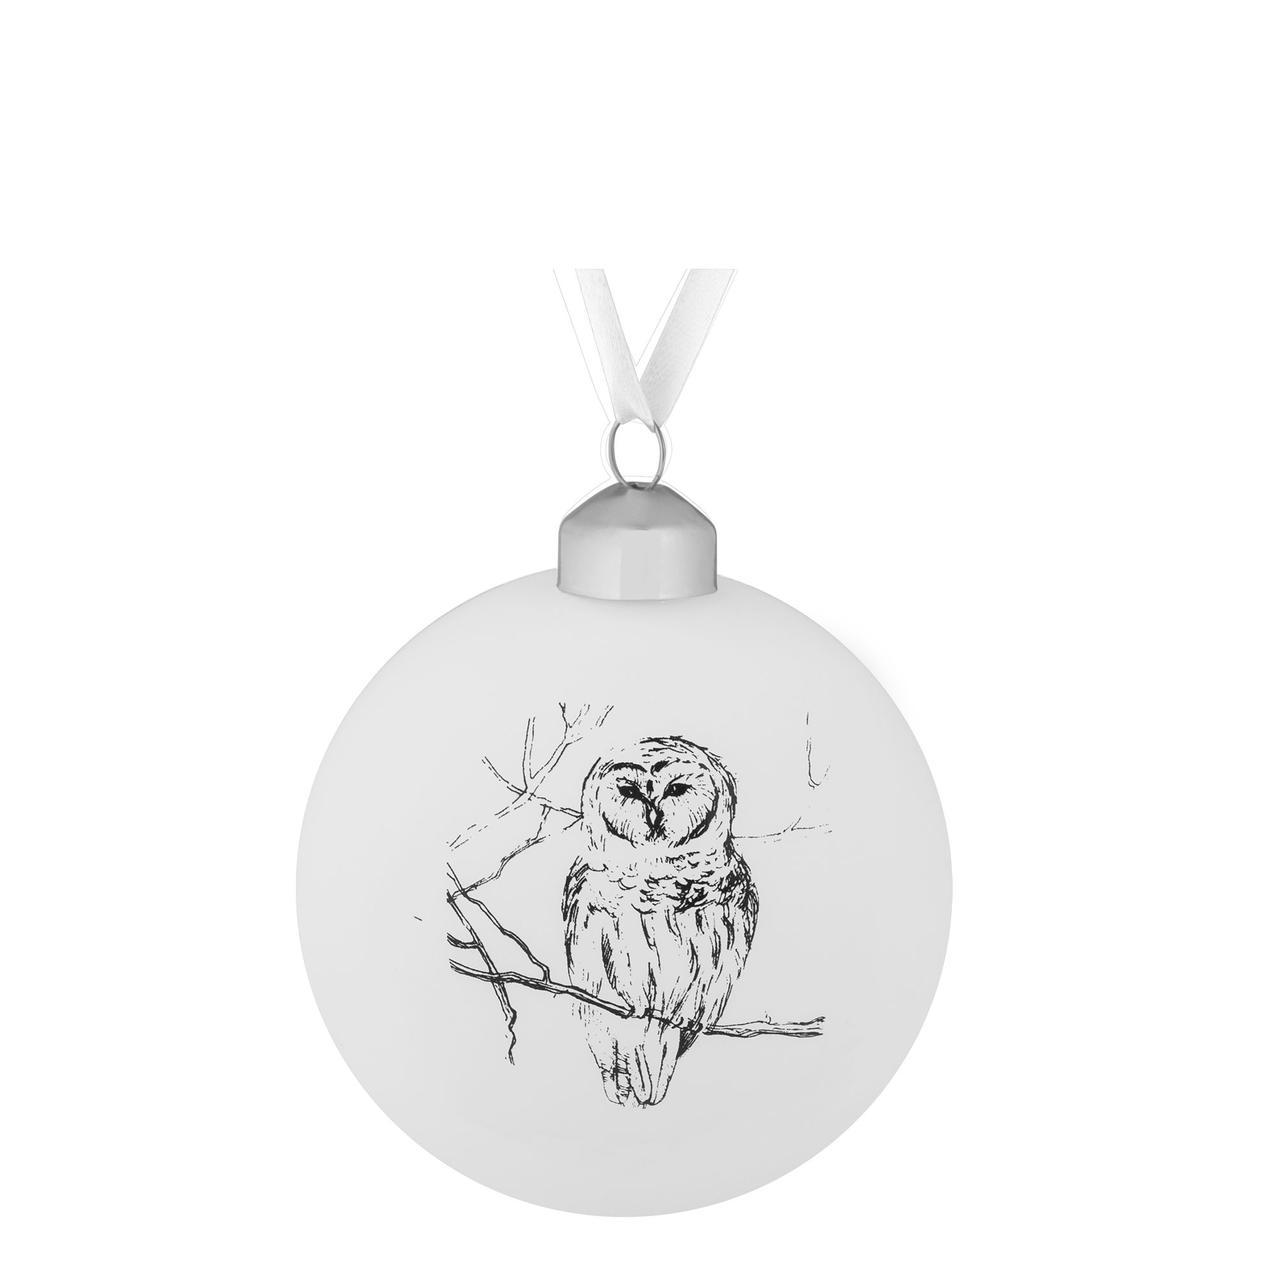 Елочный шар Forest, 8 см, с изображением совы (артикул 7175.05)